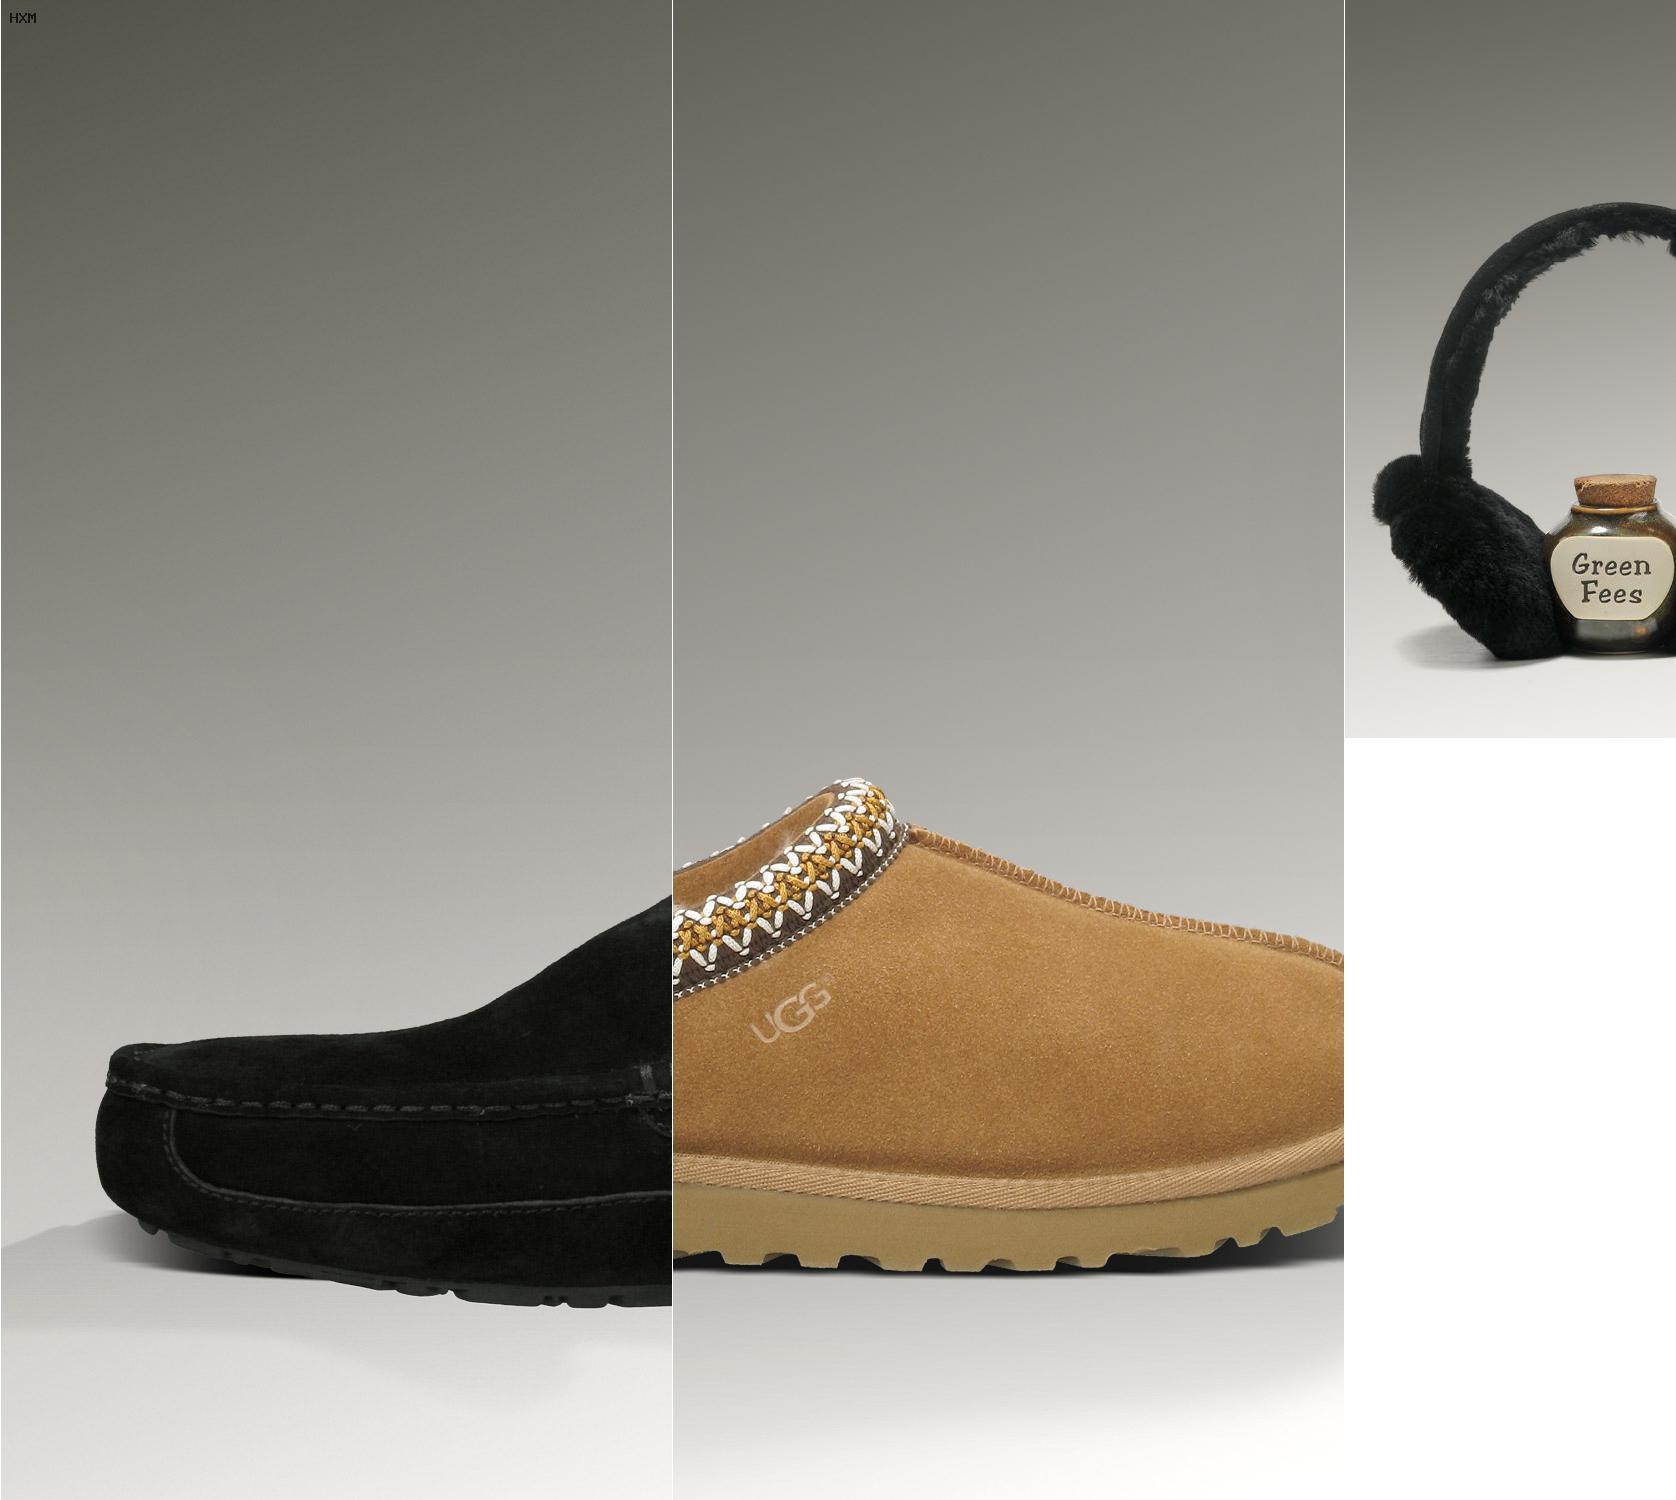 negozi scarpe ugg milano